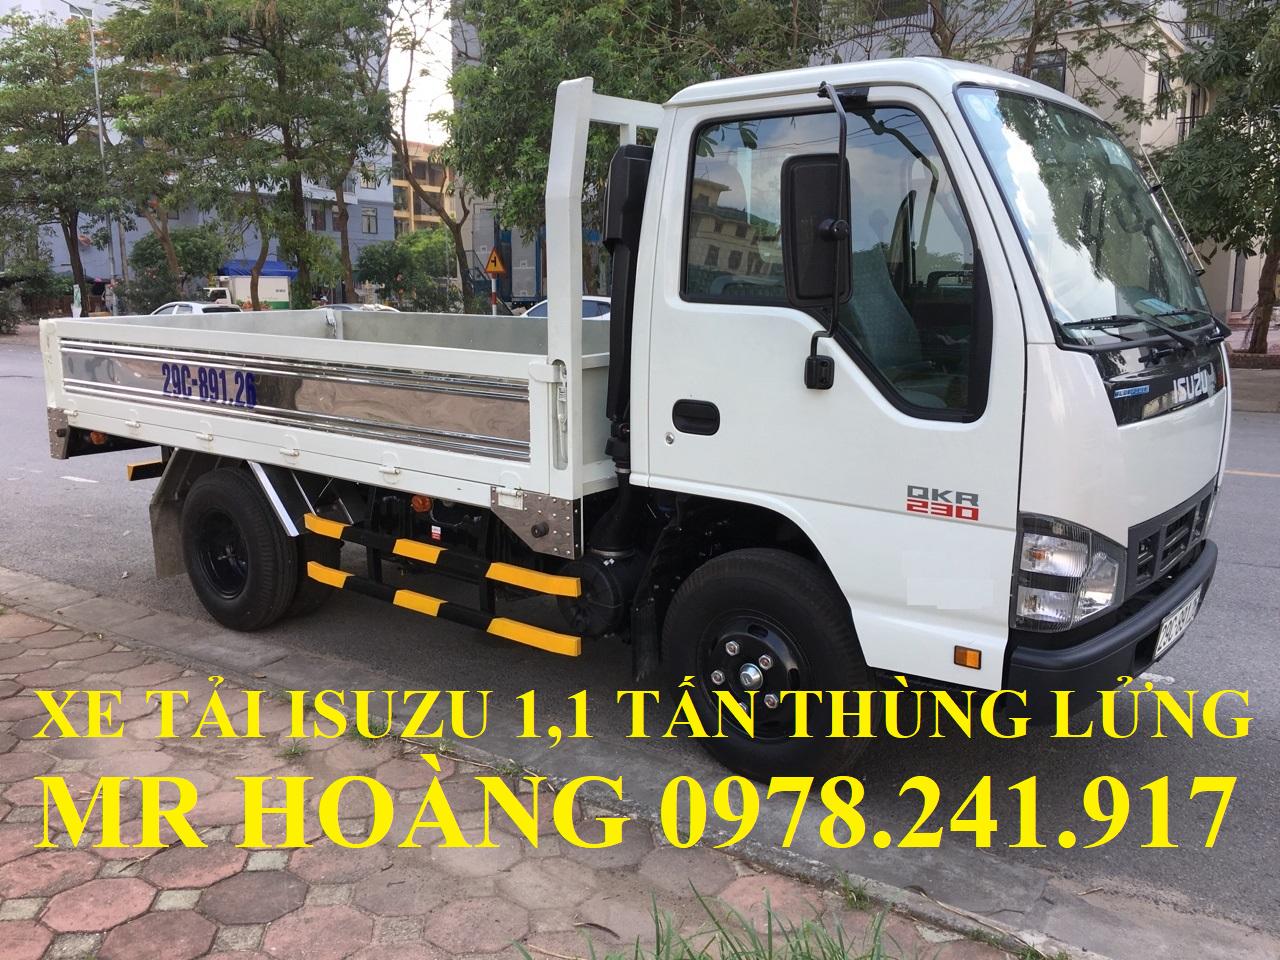 xe tải isuzu 1,1 tấn qkr77fe4 thùng lửng